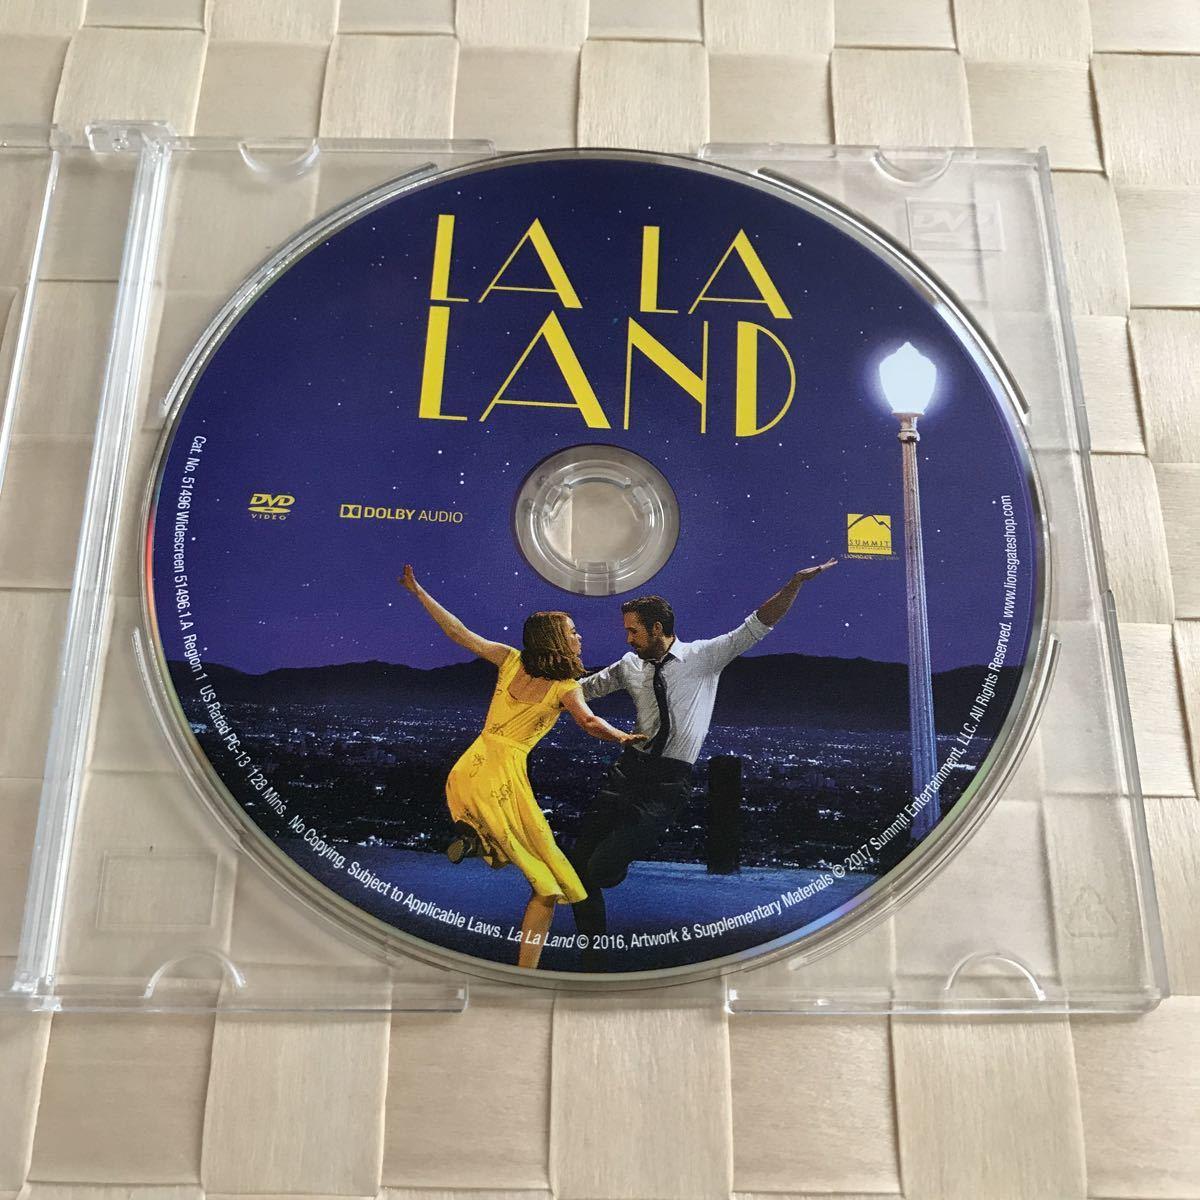 送料無料☆「LA LA LAND」ラ・ラ・ランド 輸入盤DVD 英語字幕付 英語学習に_画像1